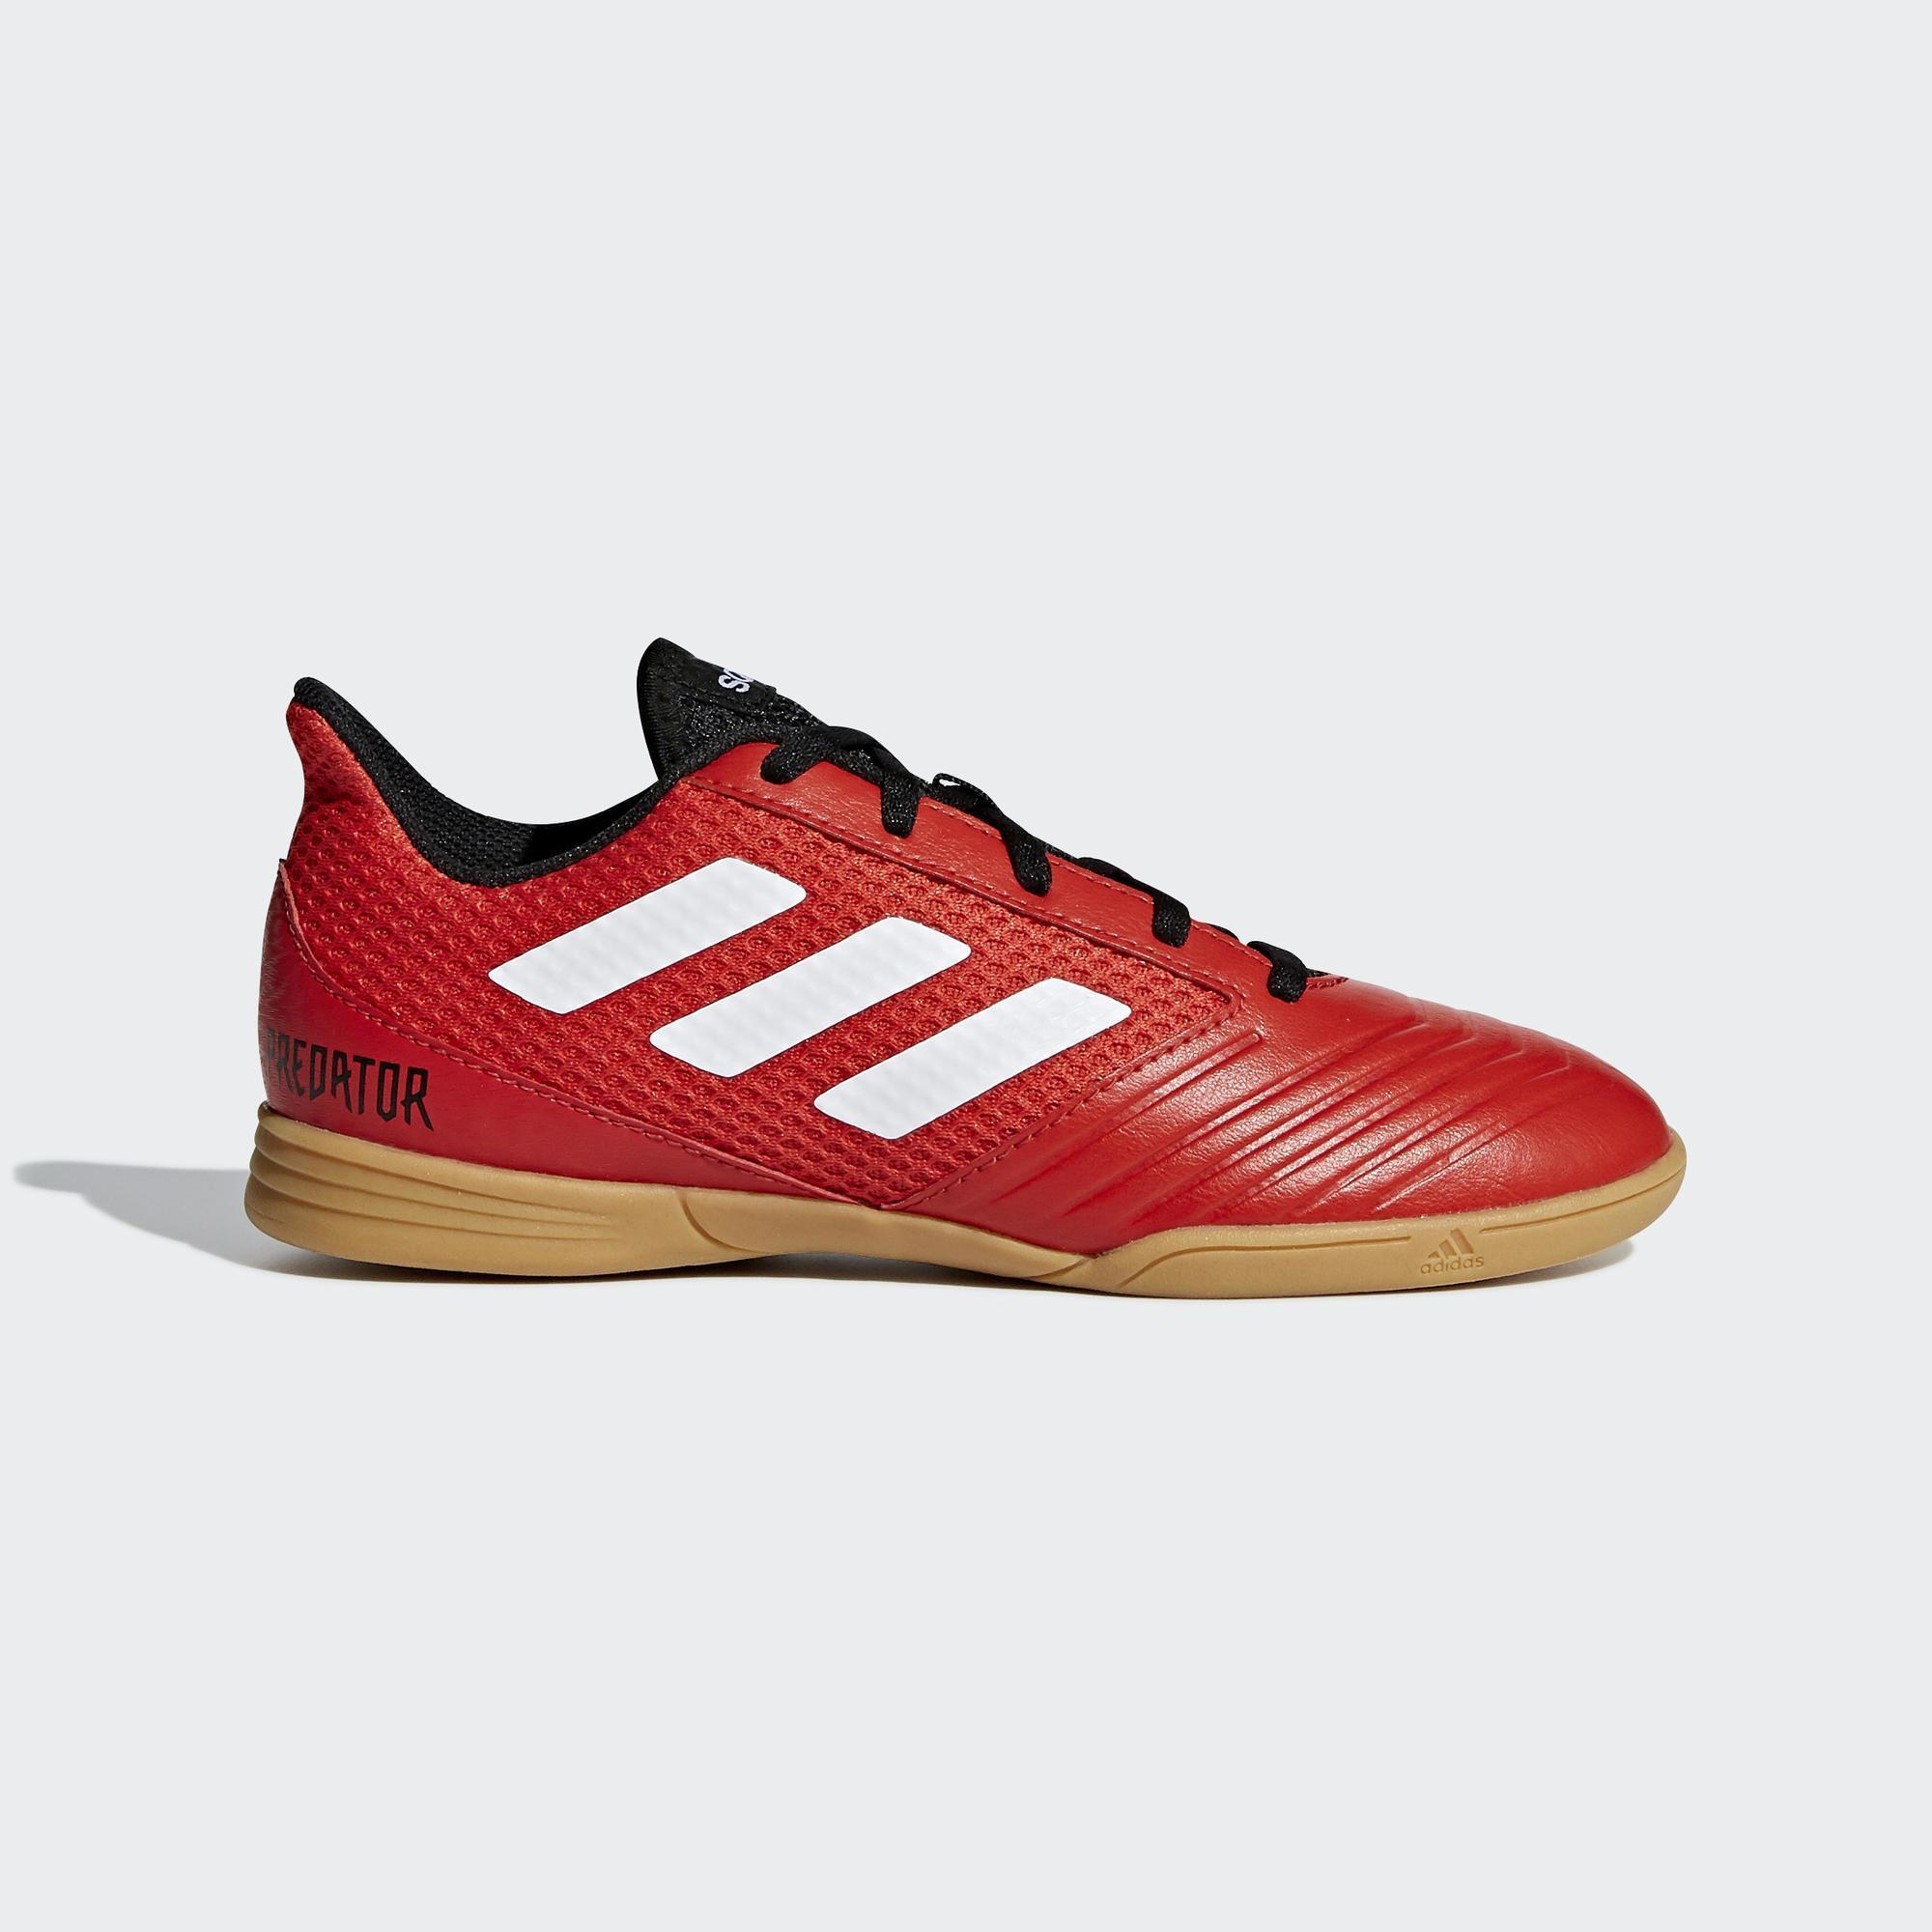 7a52e2794af2 Adidas PREDATOR Chaussures TANGO Decathlon AH18 4 enfant Futsal de Bwwqtr